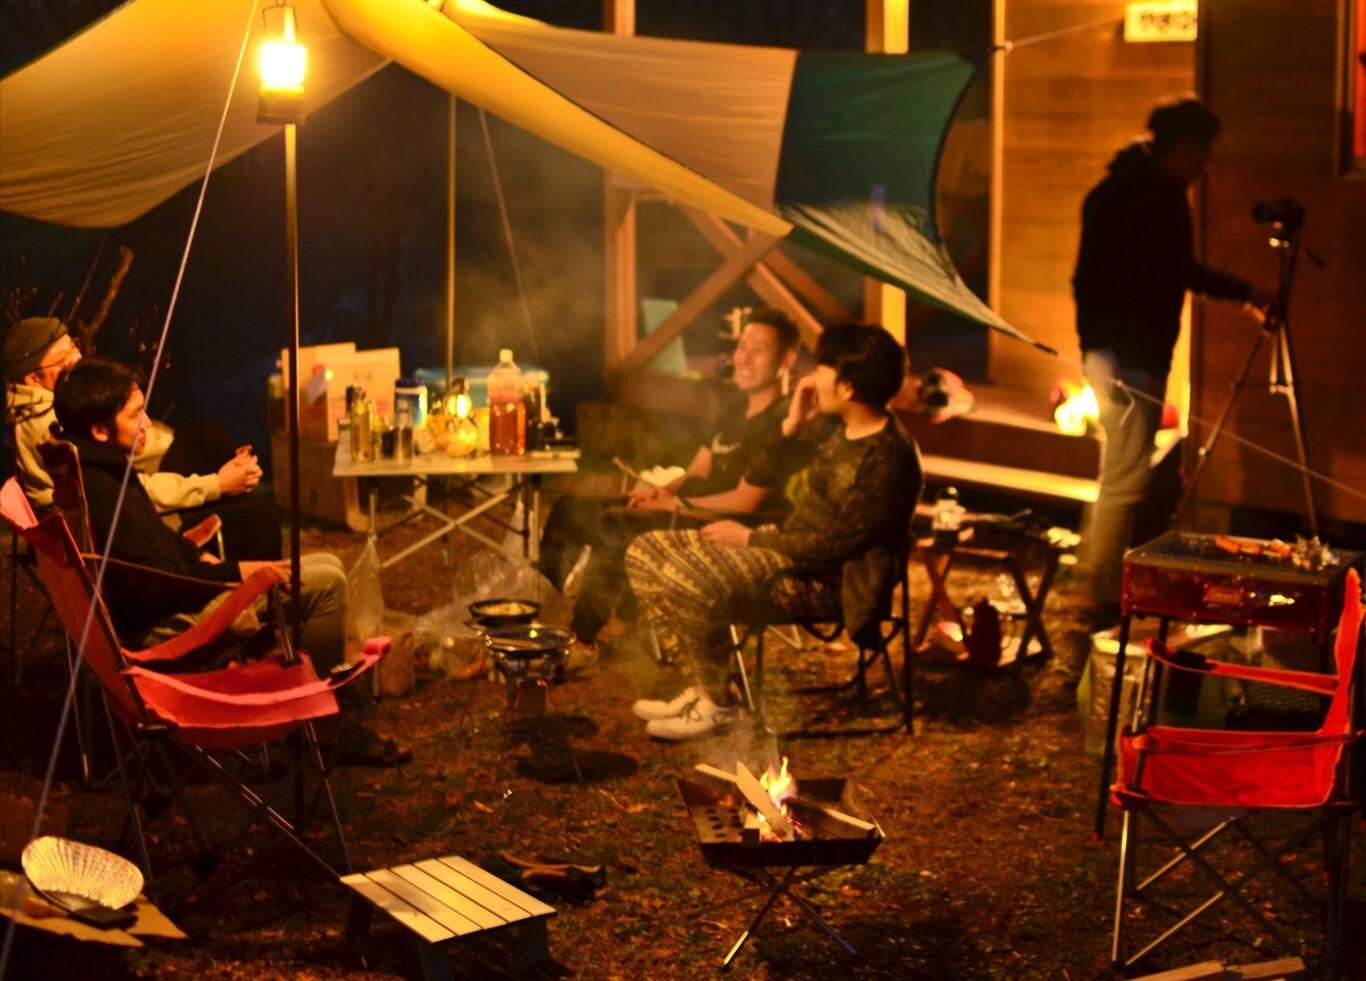 わらび平森林公園キャンプ場 の写真p8242